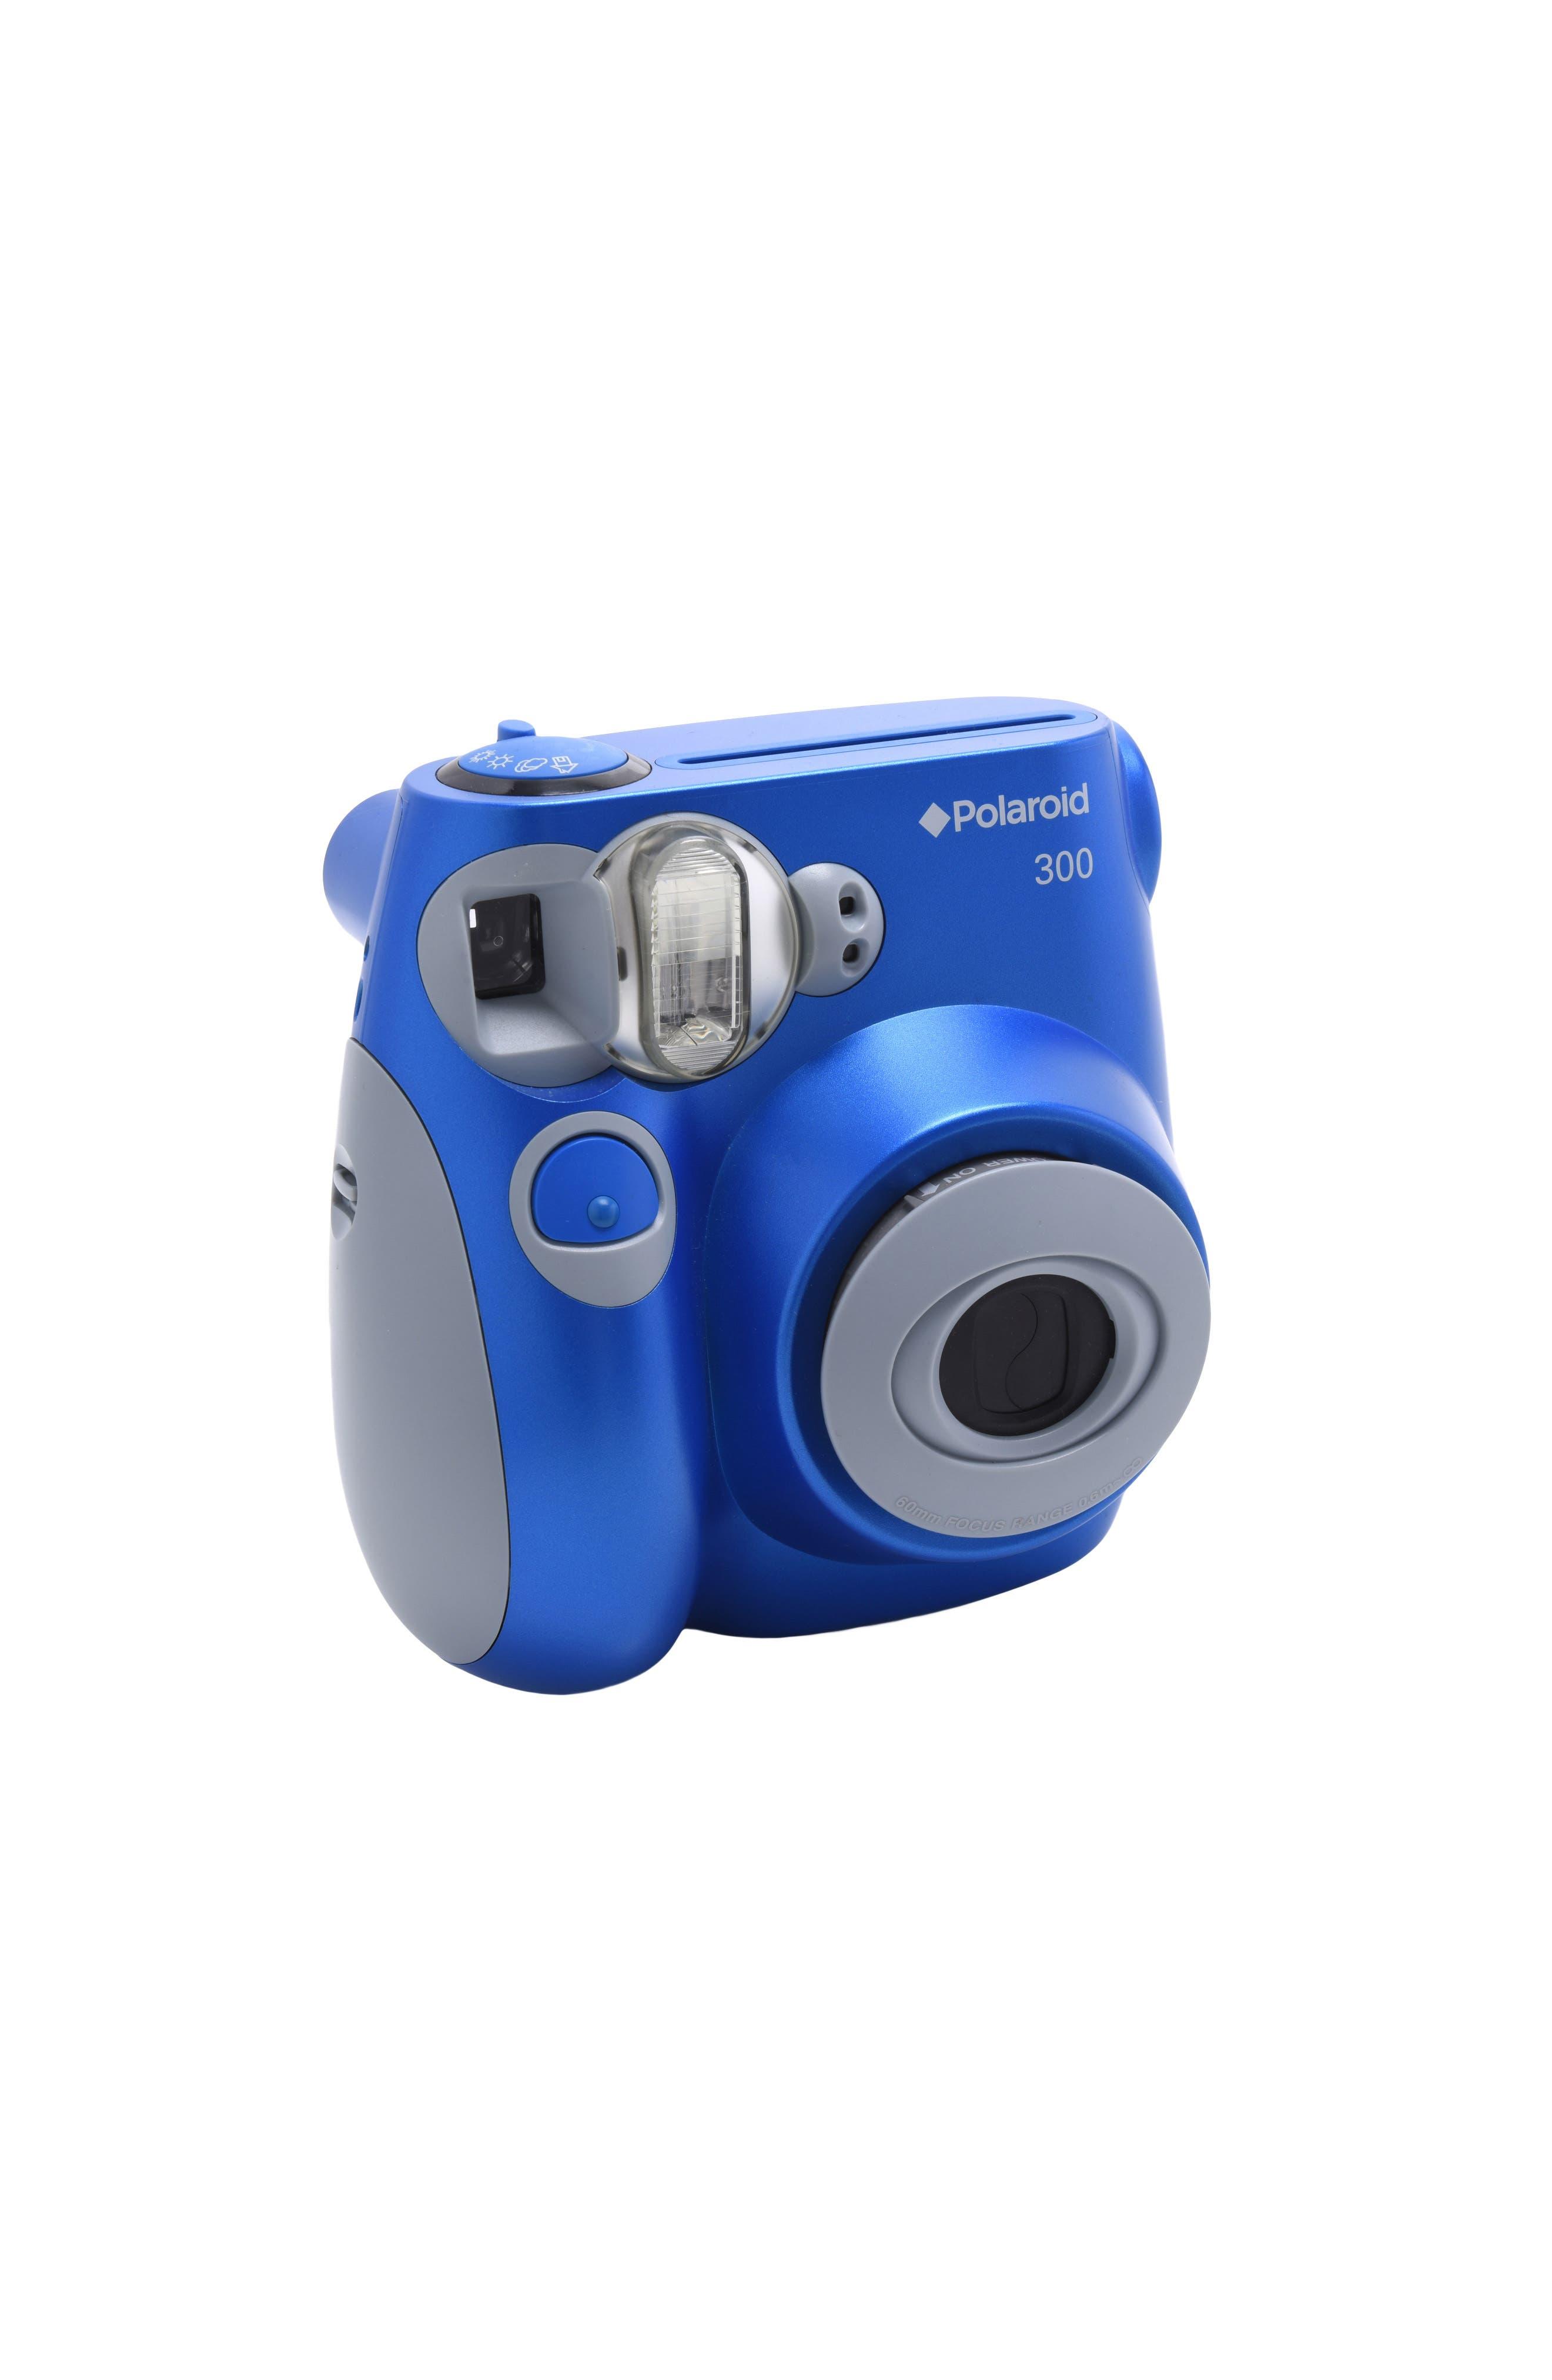 Polaroid Pic300 Instant Camera